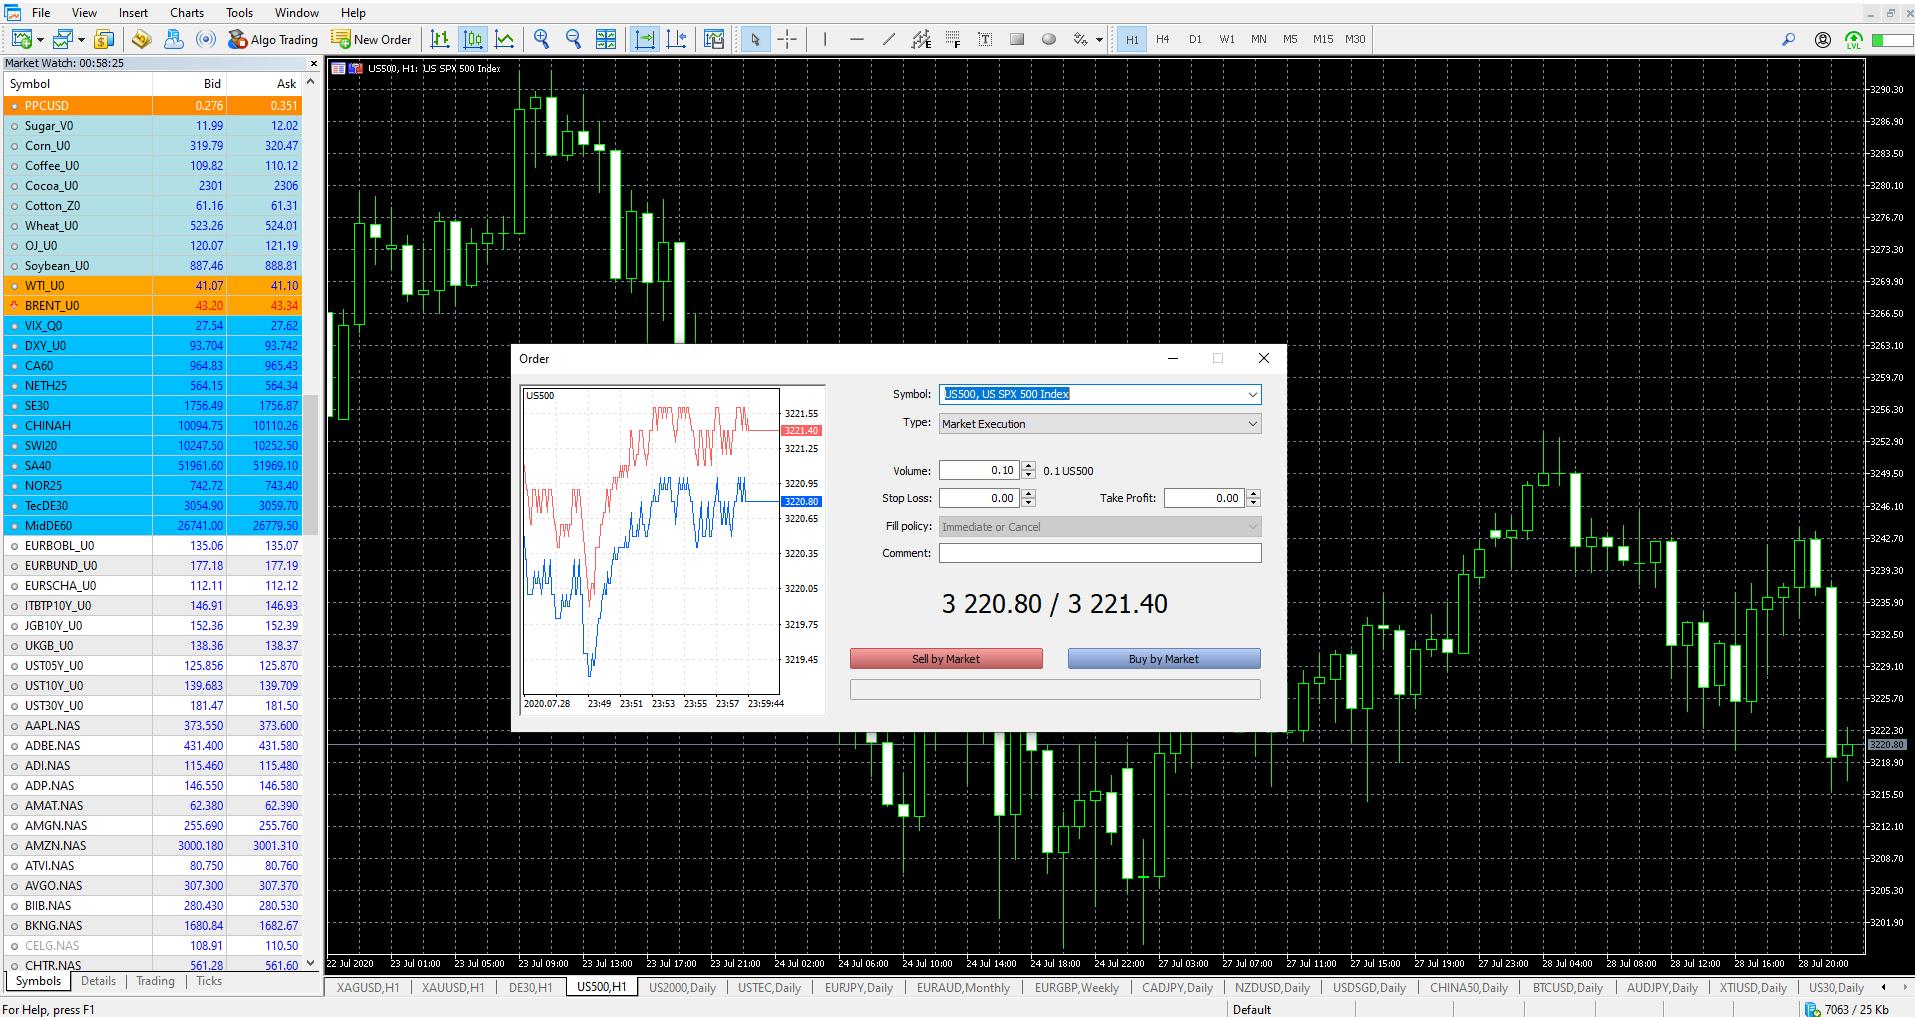 AxiTrader MetaTrader Screenshot